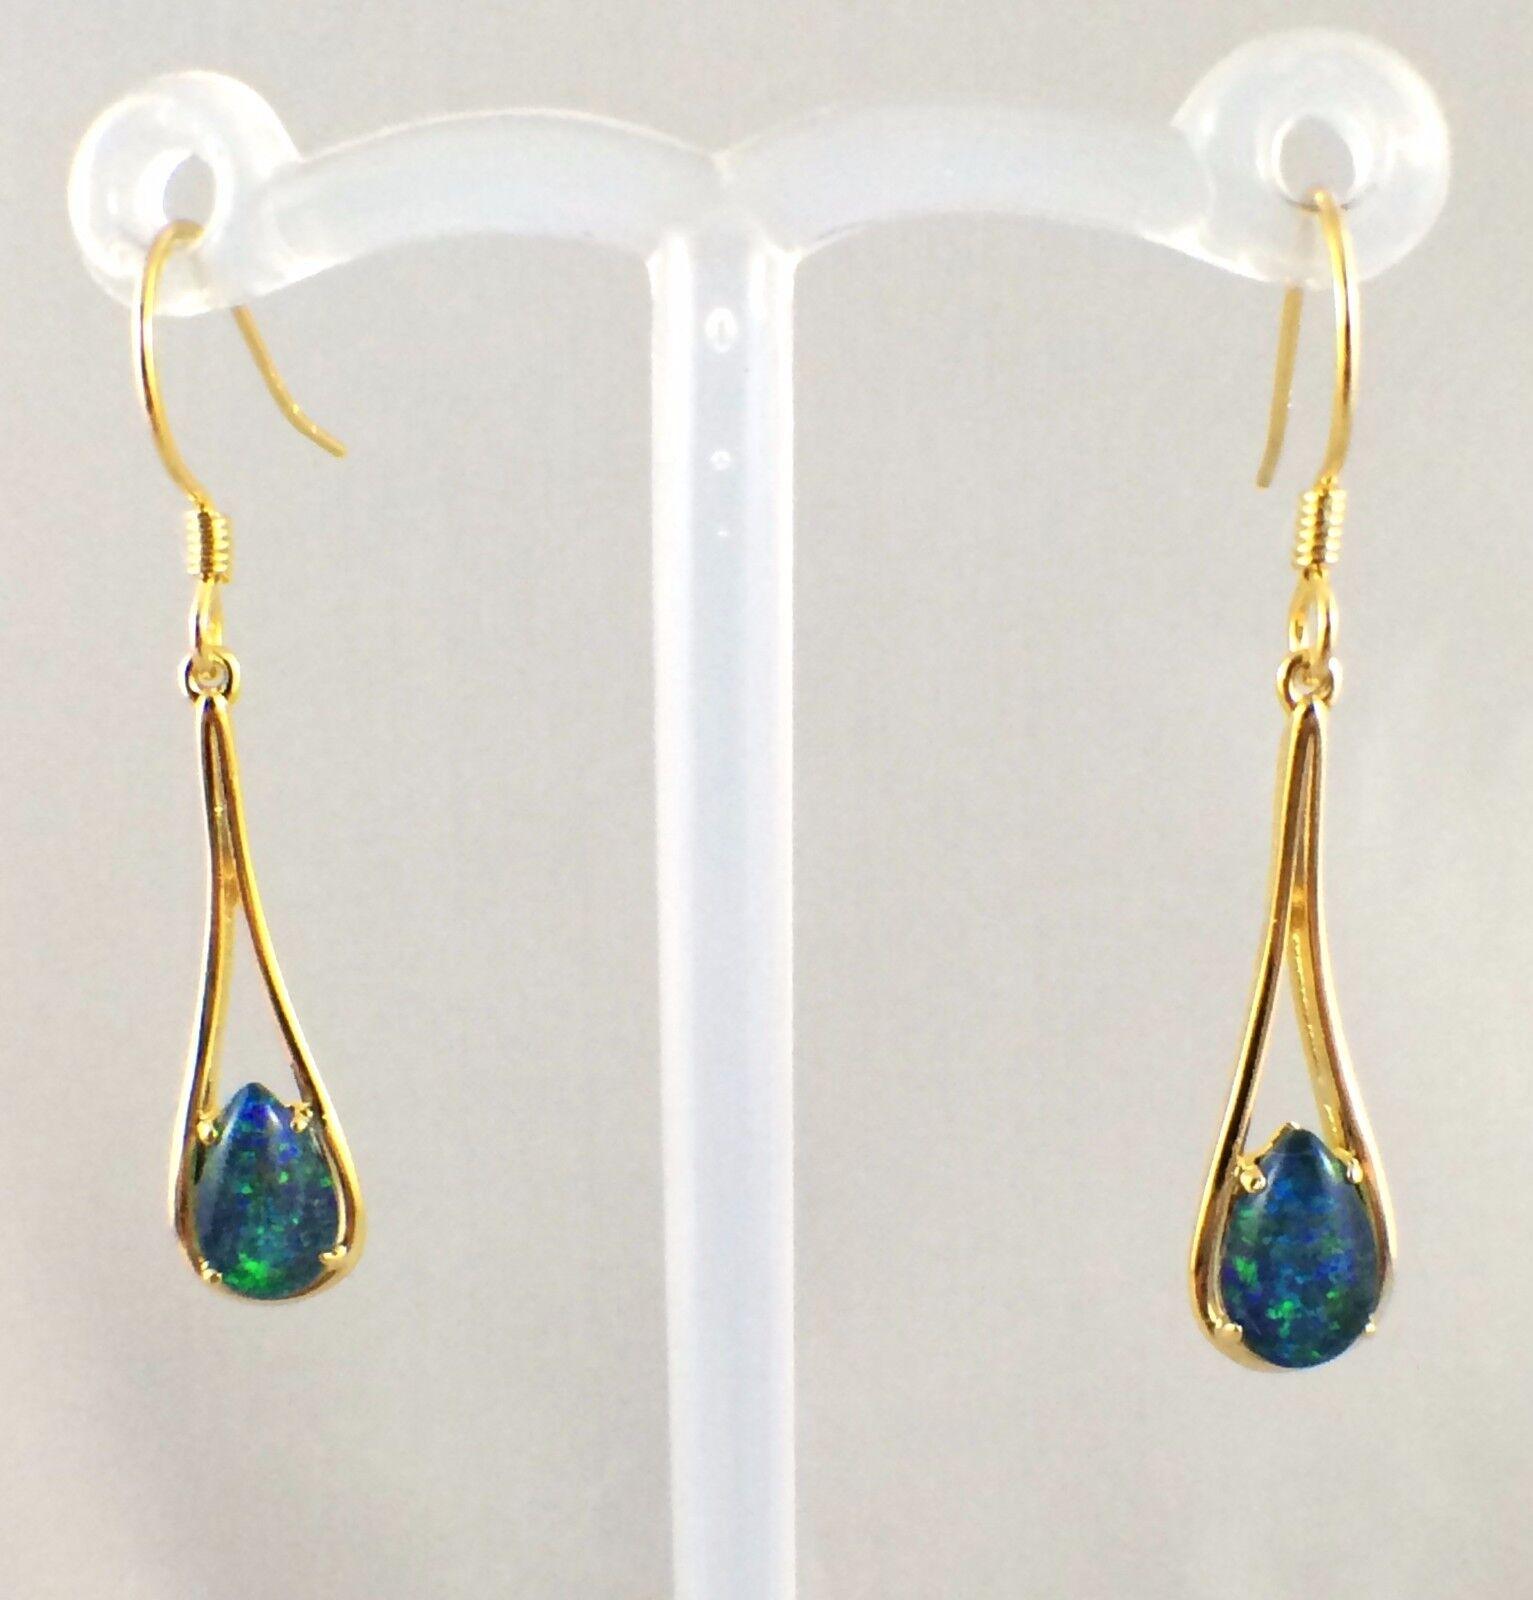 Triplet Opal Dangle Tear Drop Style Hook Earrings 18ct gold Plated w Certificate